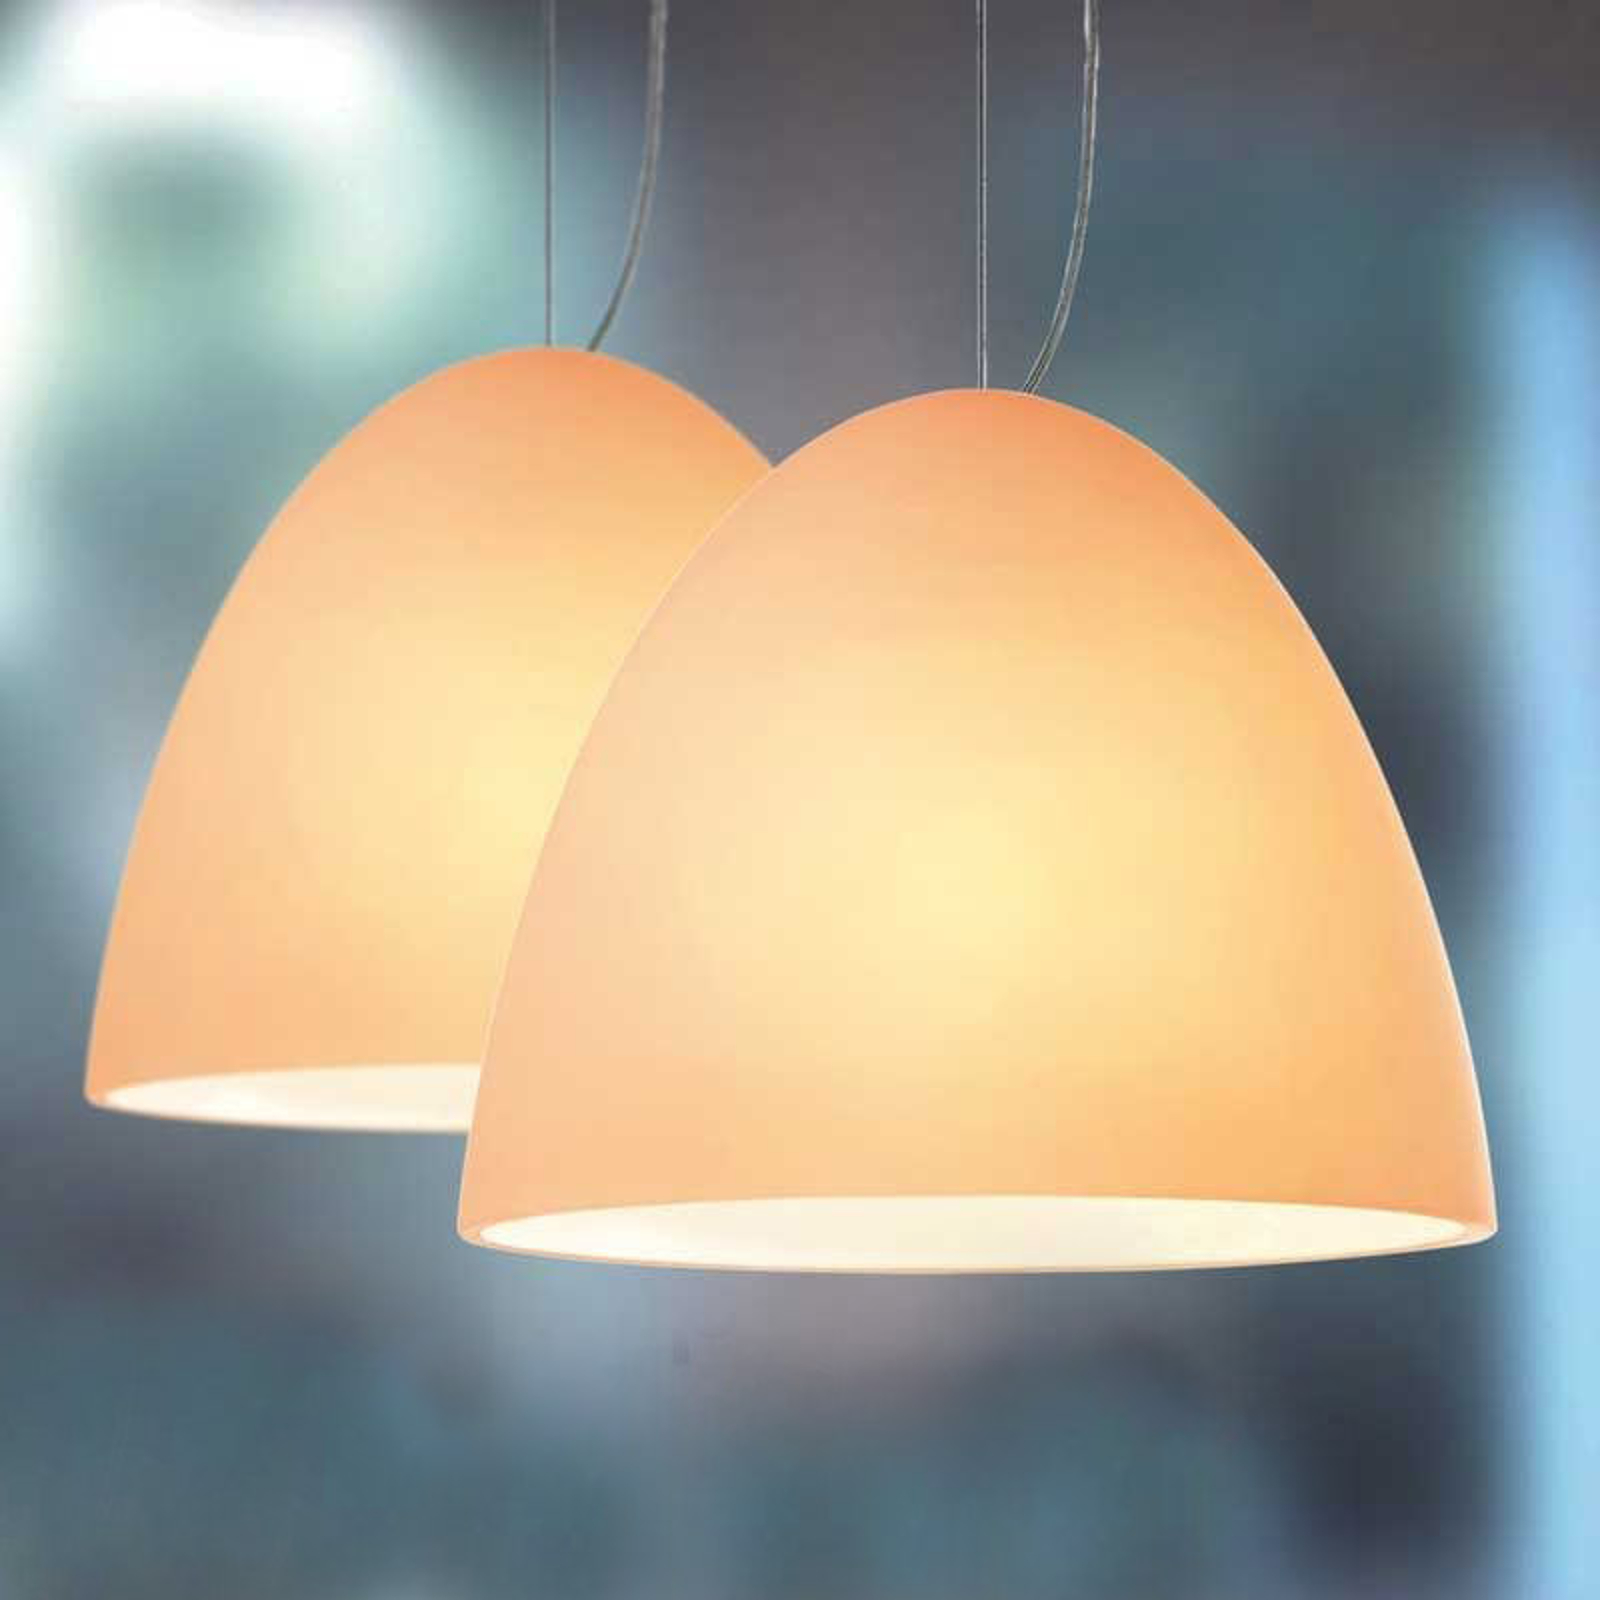 Sand-coloured pendant light BELL 2-bulb_2000241_1